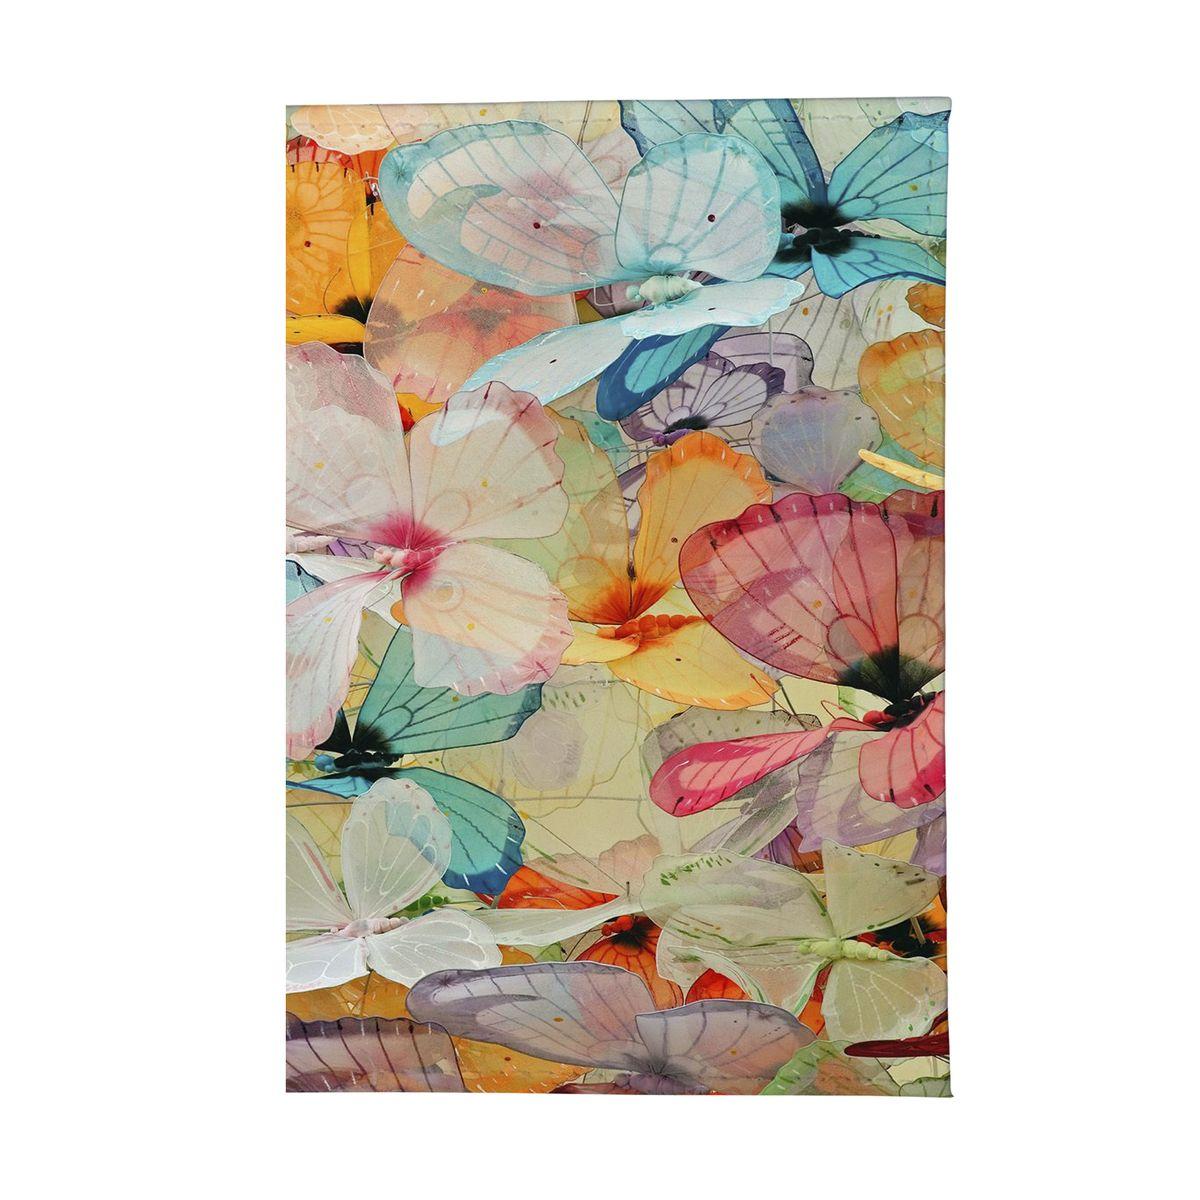 Обложка для автодокументов женская Mitya Veselkov Цветные бабочки. AUTOZAM165AUTOZAM165Стильная обложка для автодокументов Mitya Veselkov Цветные бабочки изготовлена из ПВХ и оформлена интересным принтом. Внутри изделия расположен съемный блок для документов, включающий в себя шесть прозрачных файлов.